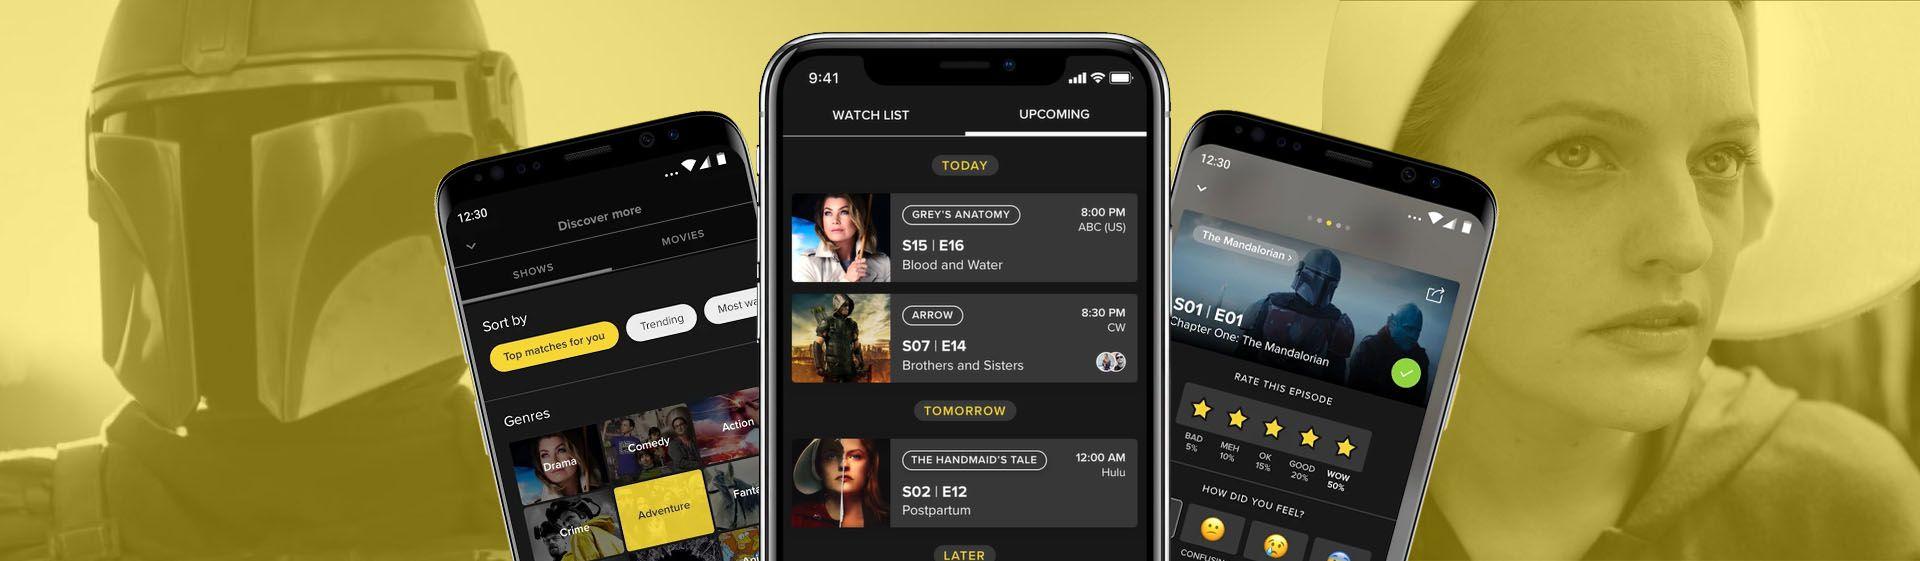 TV Time: conheça o app para os apaixonados por séries de TV